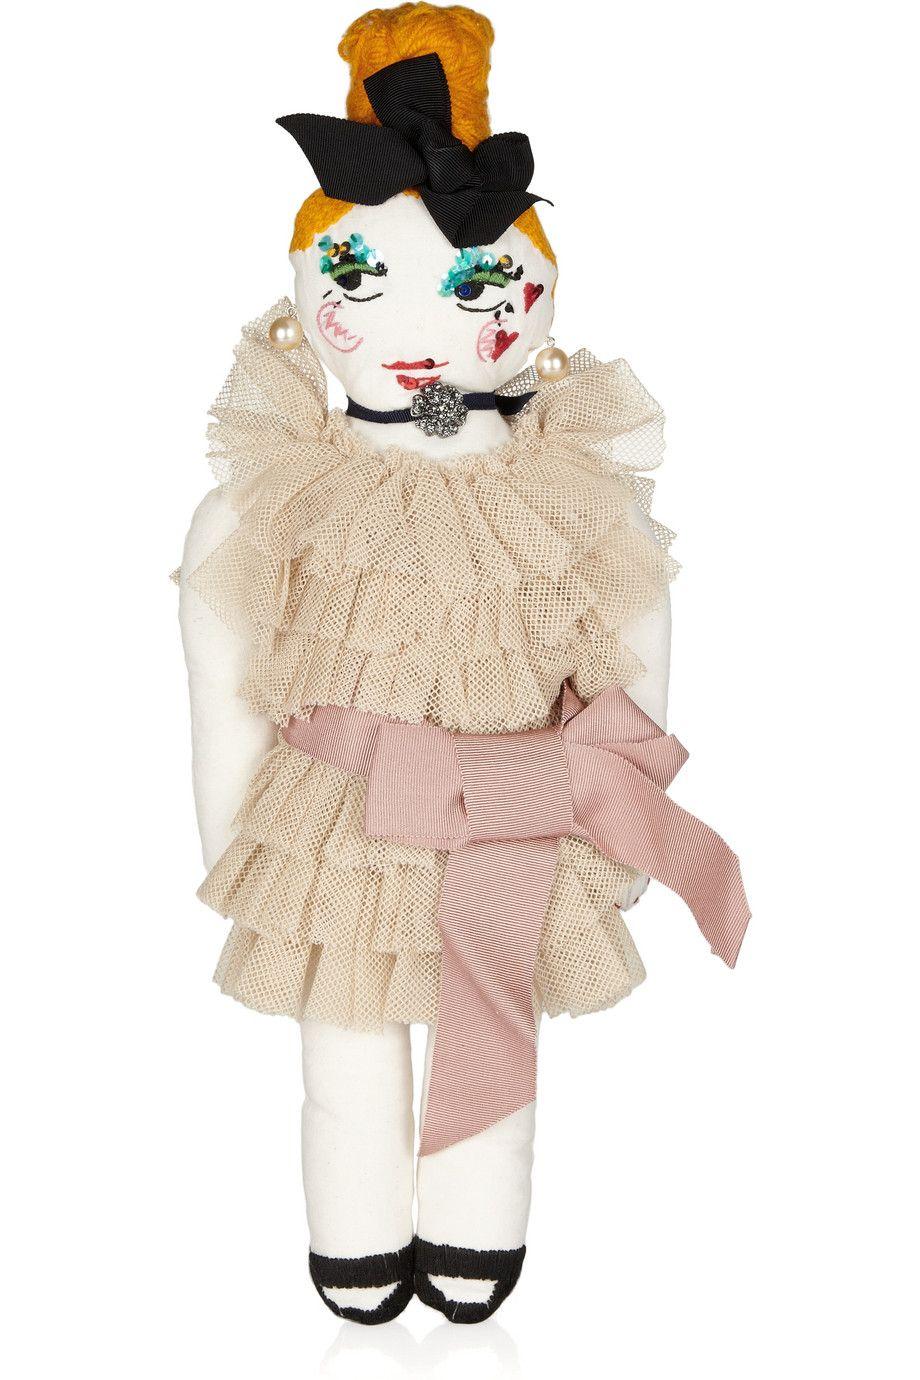 #Lanvin Embellished cotton doll